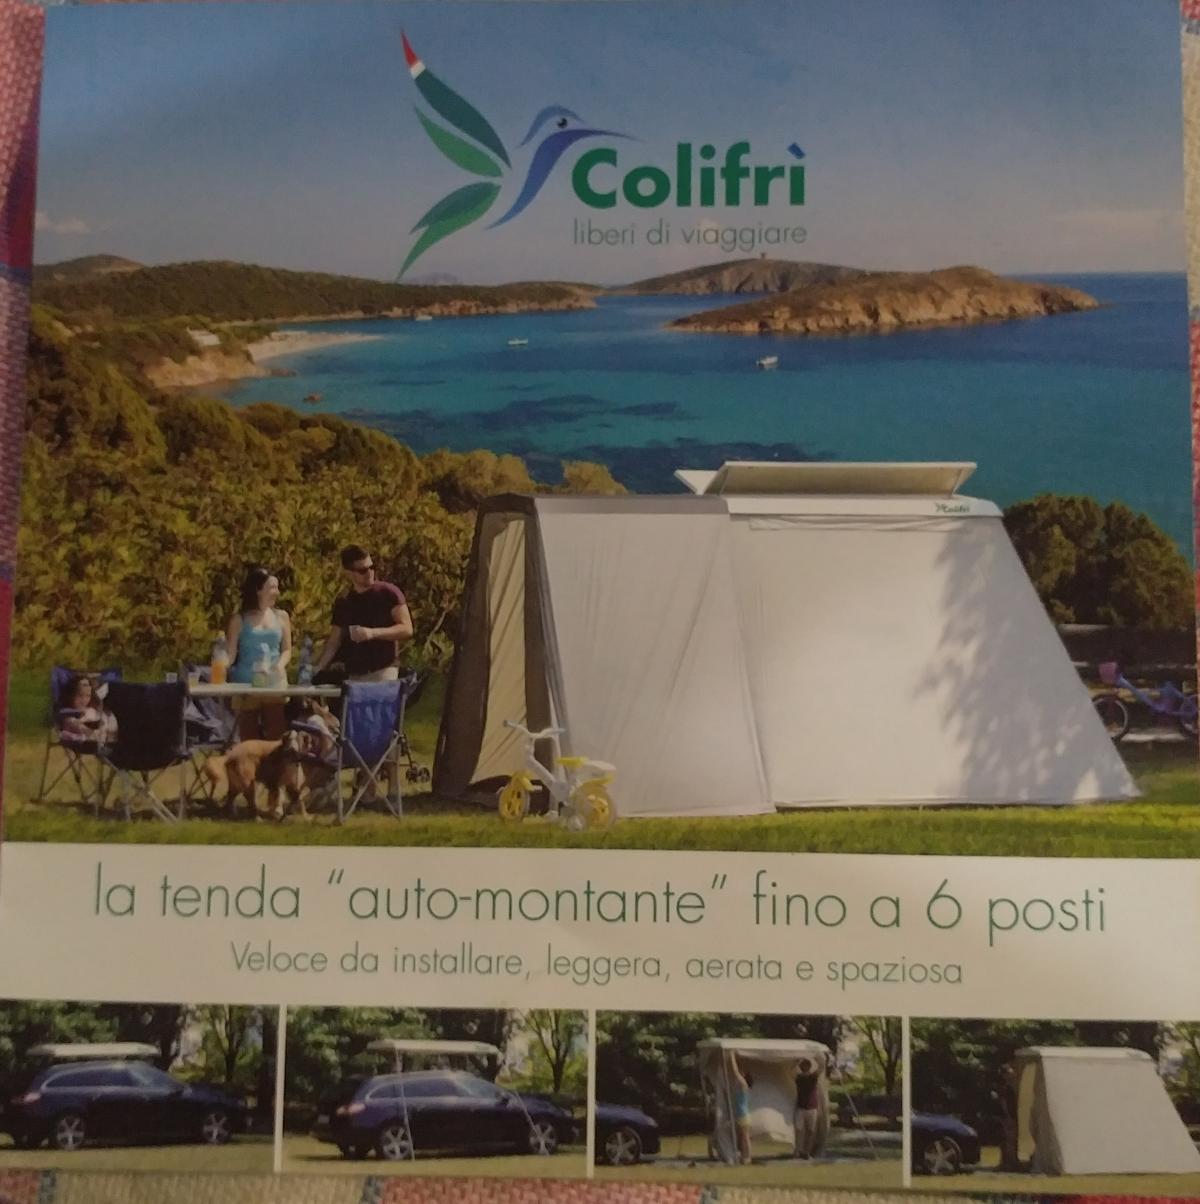 Colifrì: la tenda pronta in 10 minuti